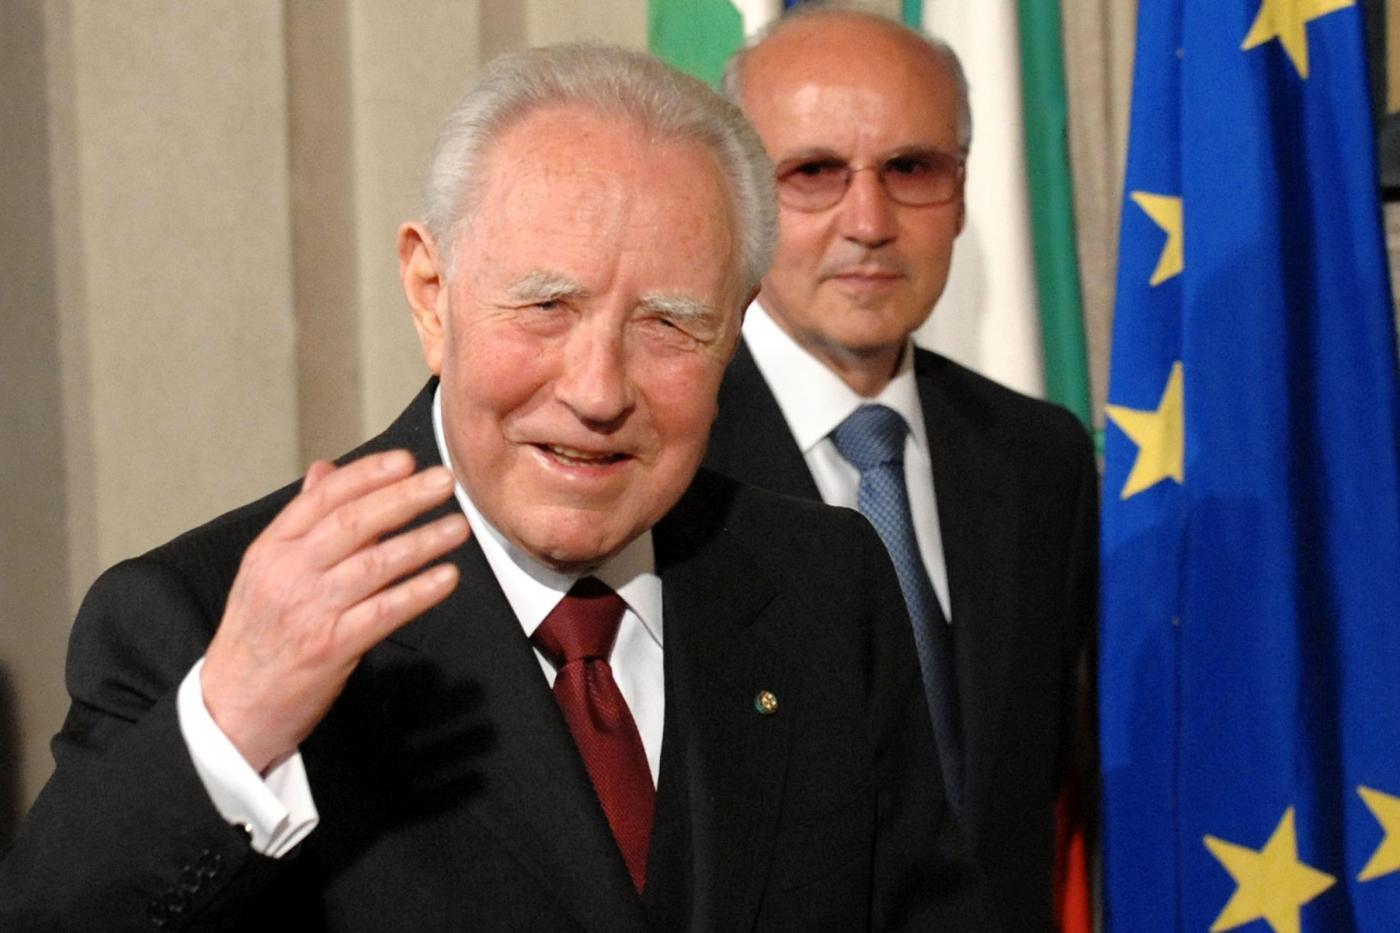 Carlo Azeglio Ciampi, salute a rischio ma l'intervento è riuscito senza complicazioni